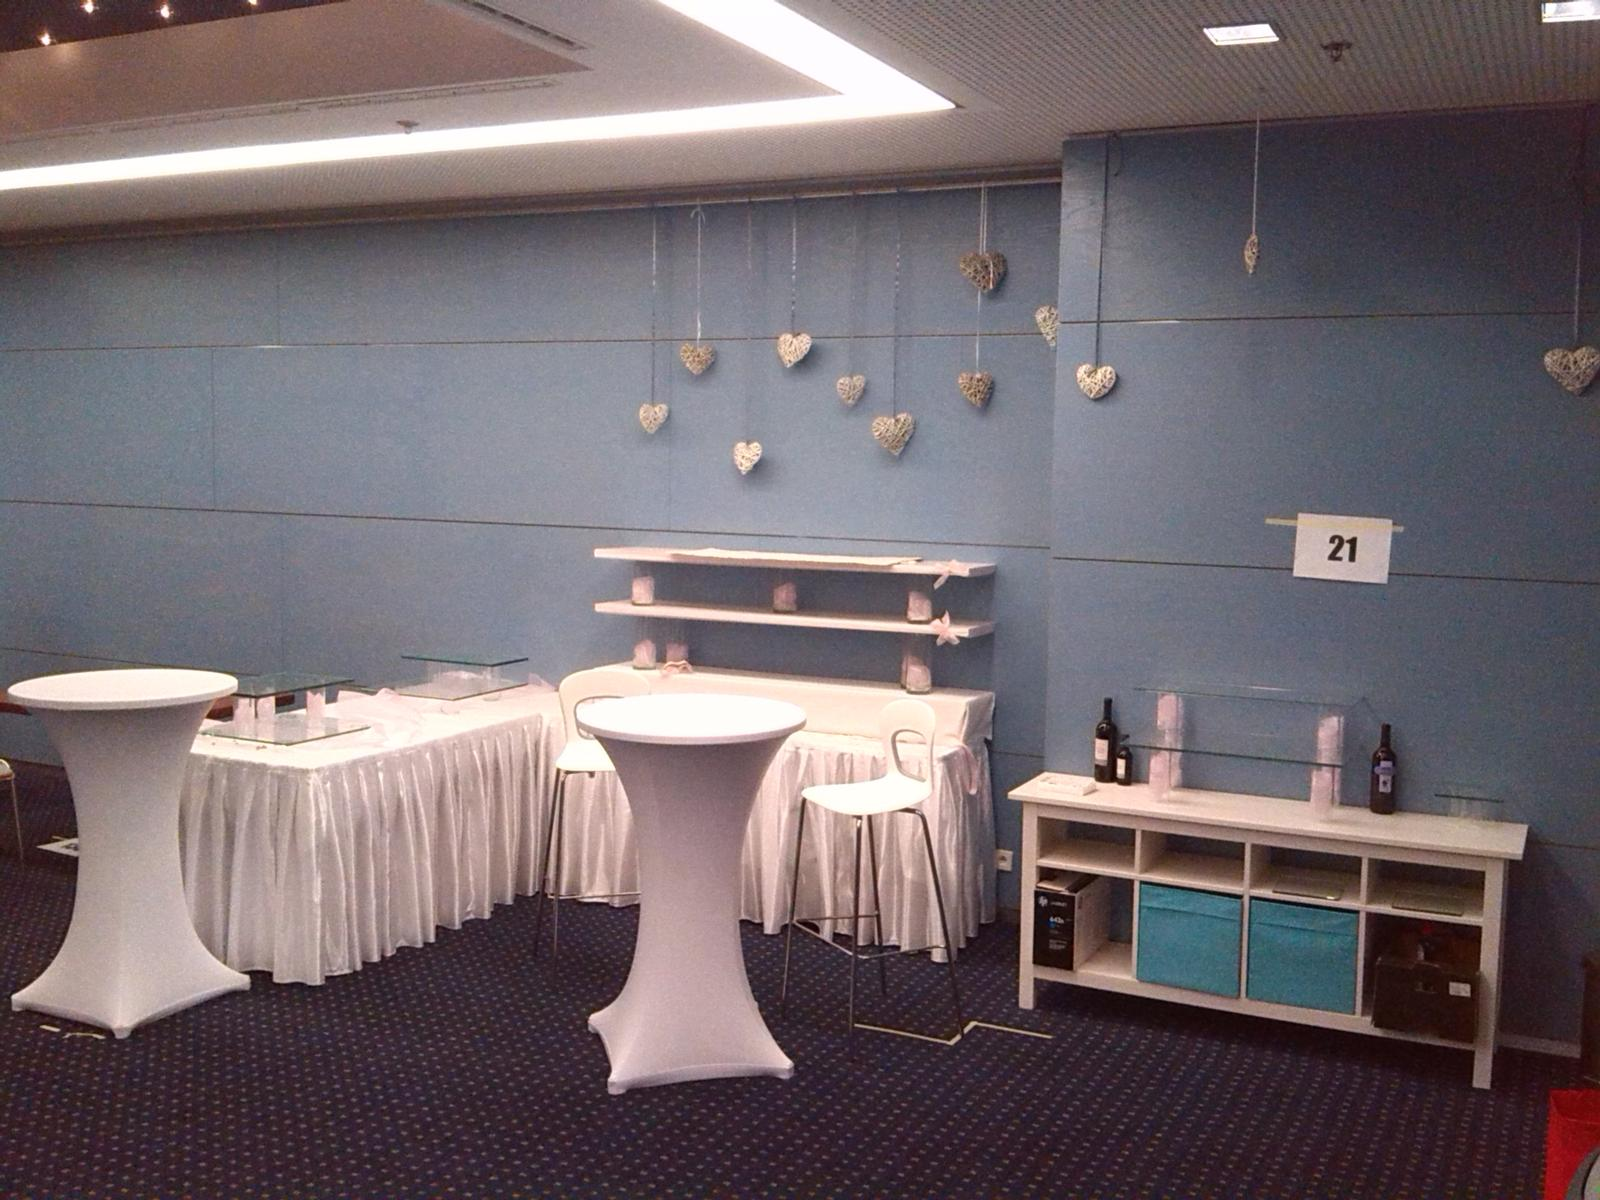 Přípravy - Svatební veletrh Clarion 15.-16. 1. 2016 - Obrázek č. 3